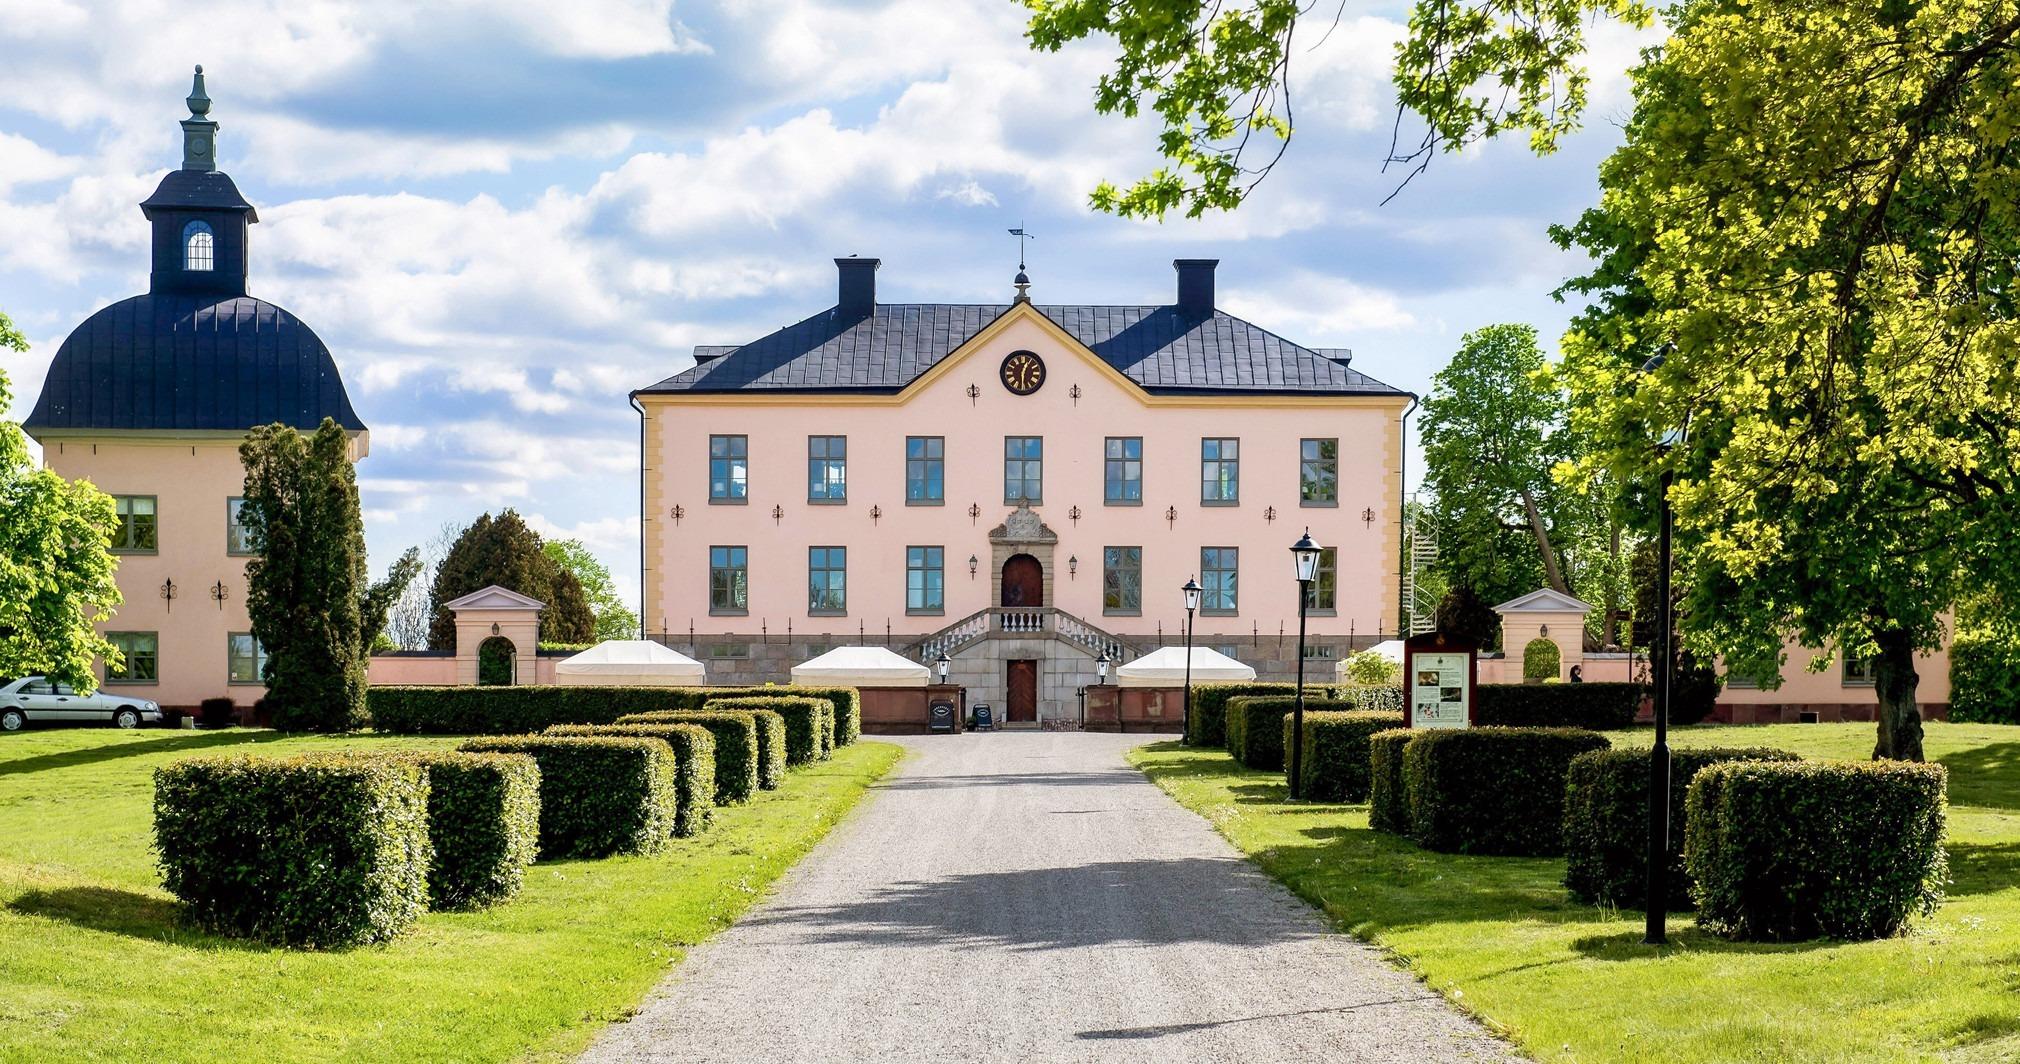 Fastighetsmäklare i Vällingby/Hässelby